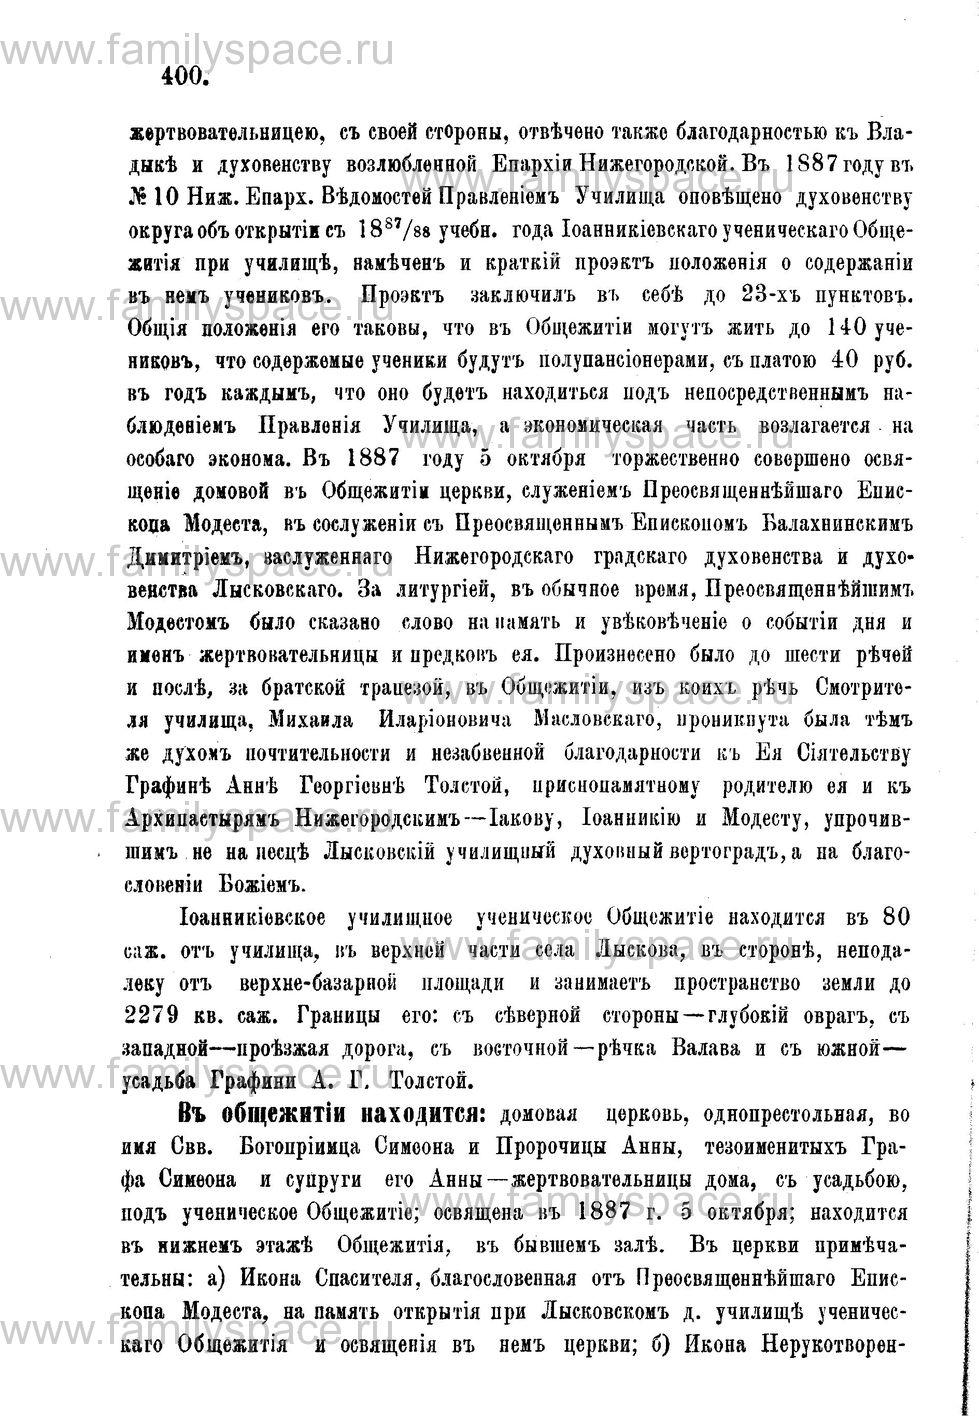 Поиск по фамилии - Адрес-календарь Нижегородской епархии на 1888 год, страница 1400